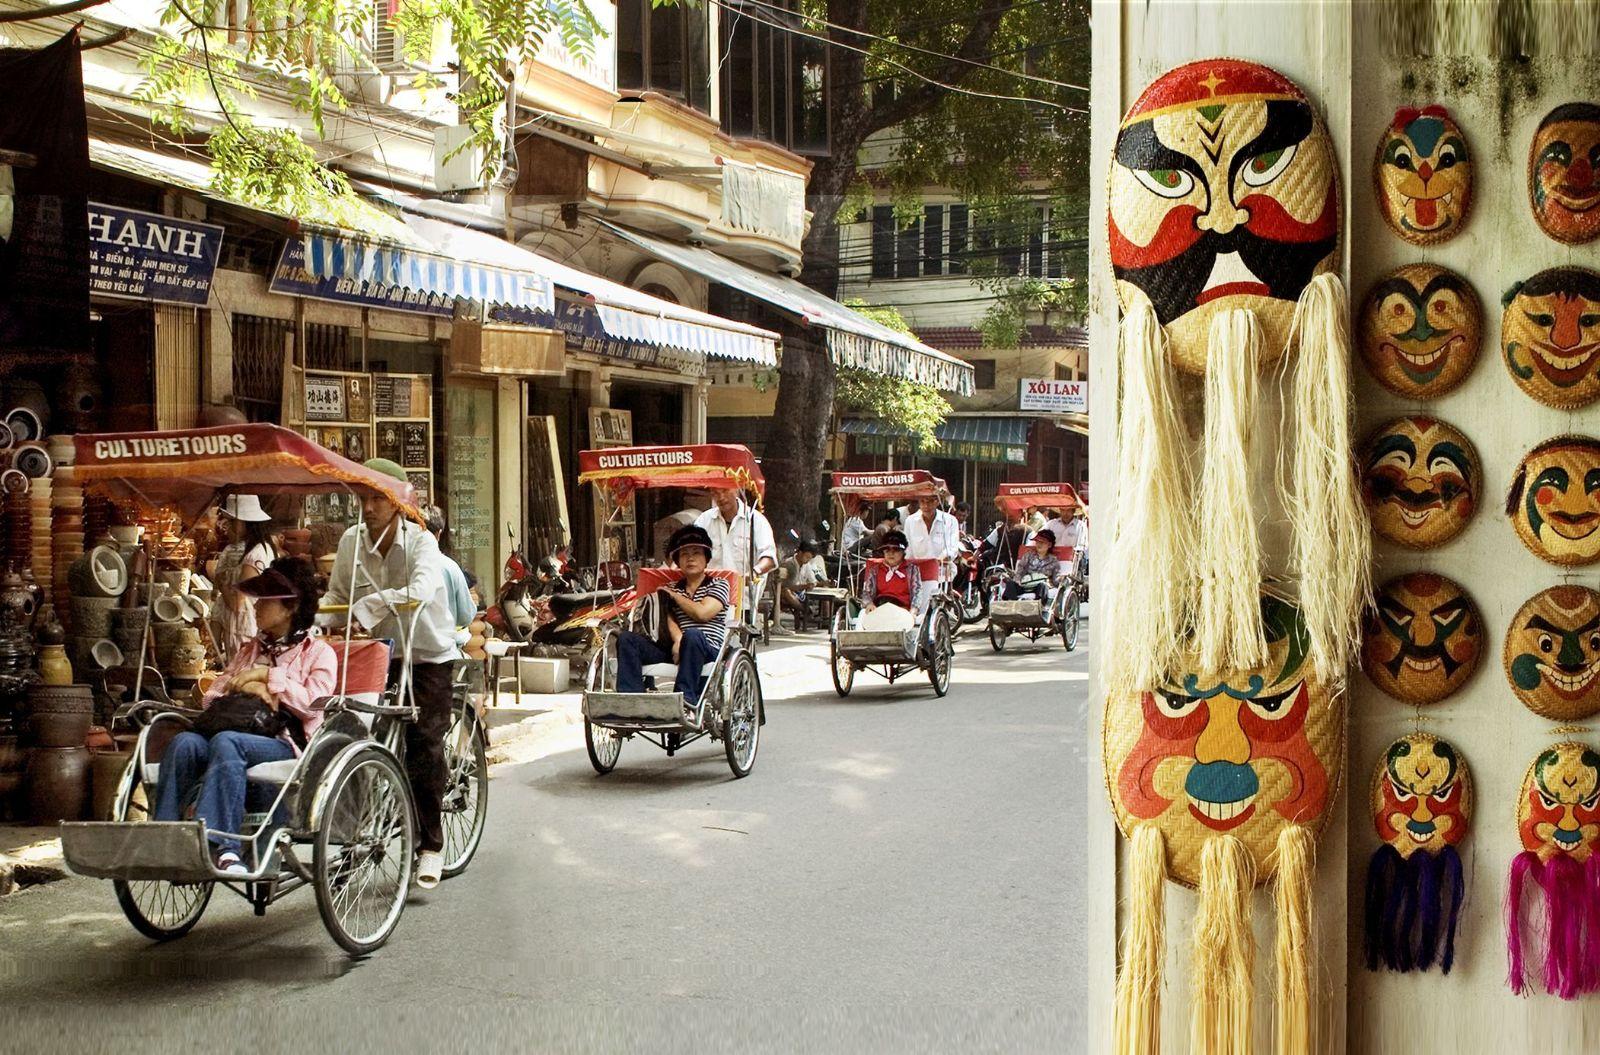 Menemukan kota Hanoi melalui paket wisata gratis